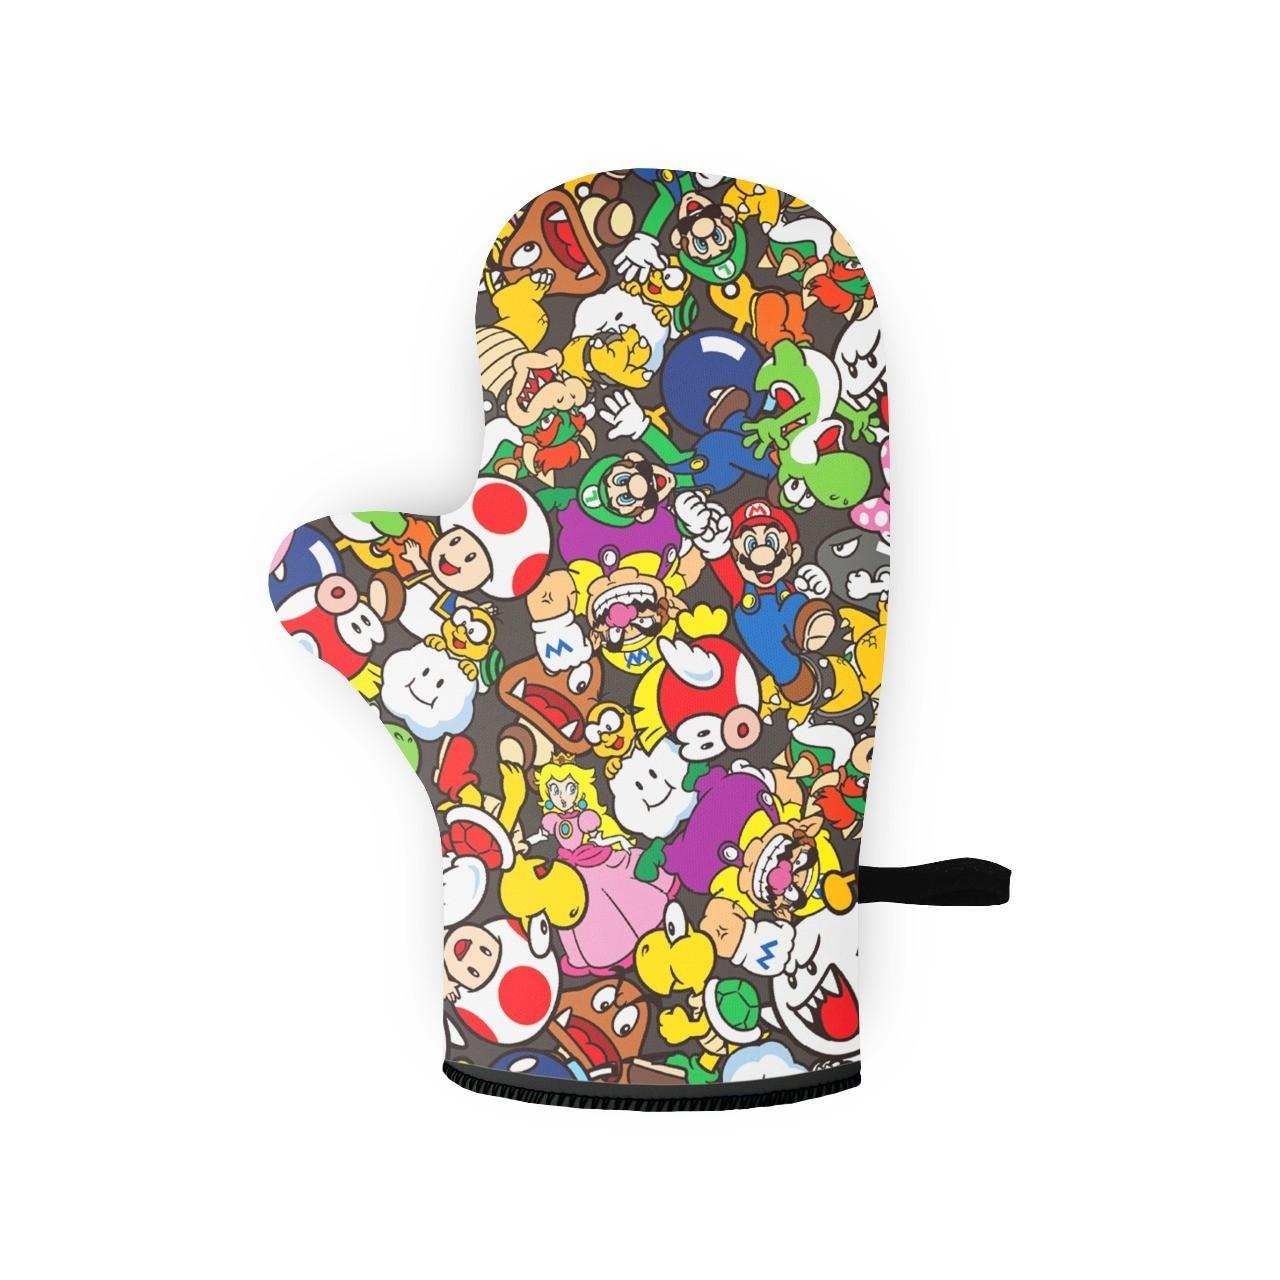 Luva de Forno/Cozinha Personagens: Super Mario Bros - EV